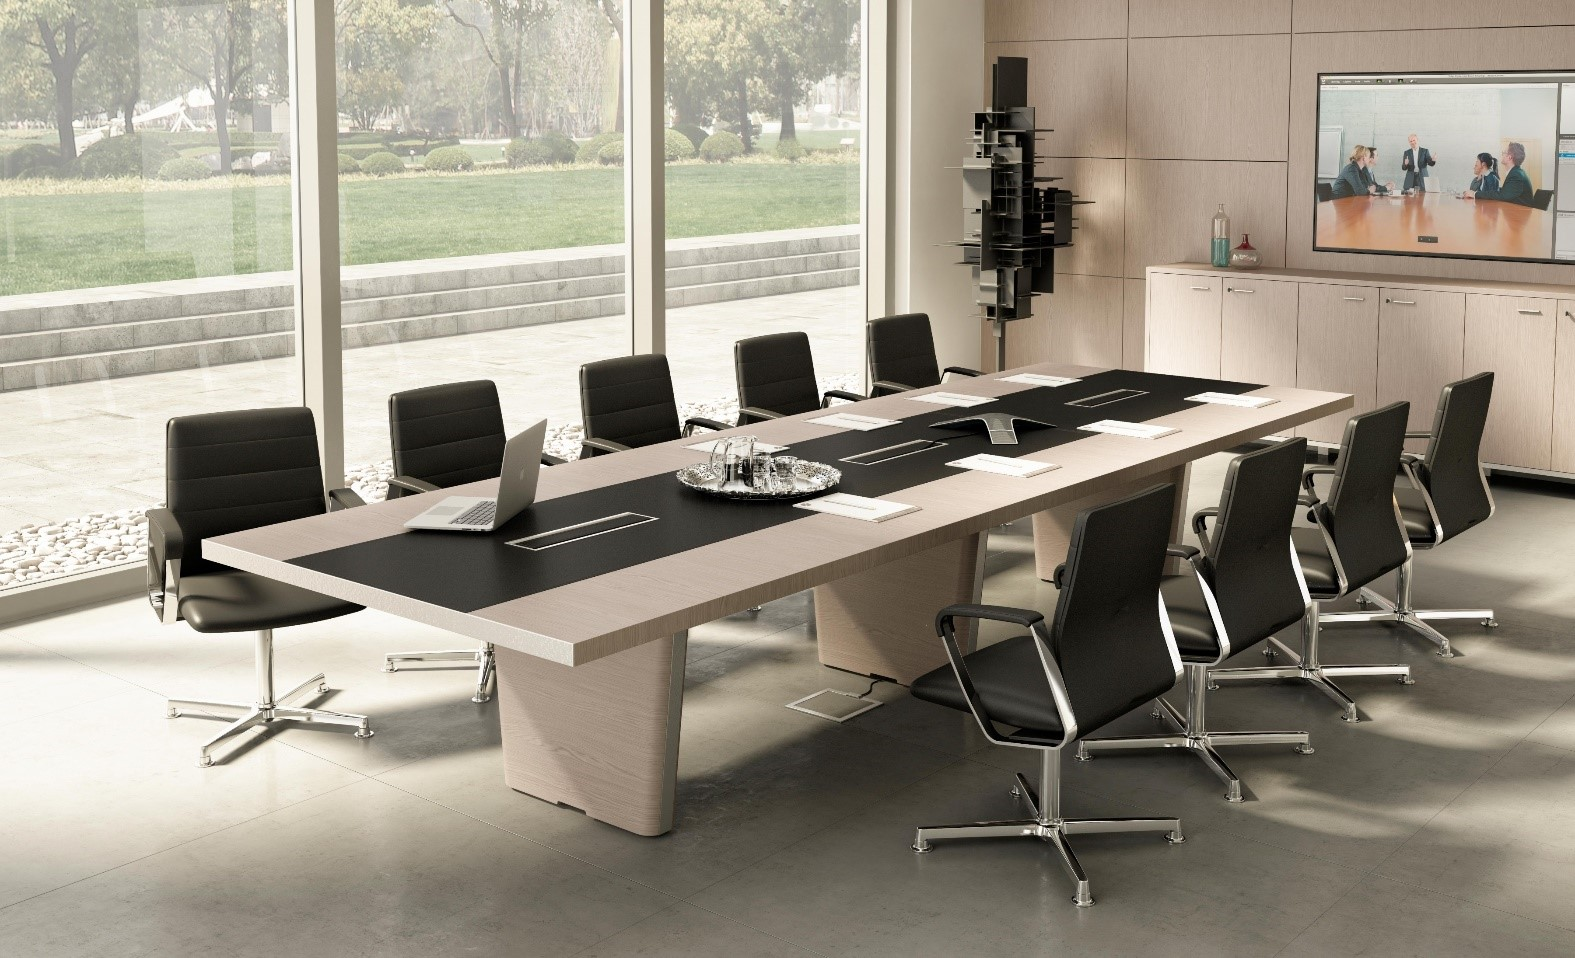 Accolade Quadro 10 Boardroom